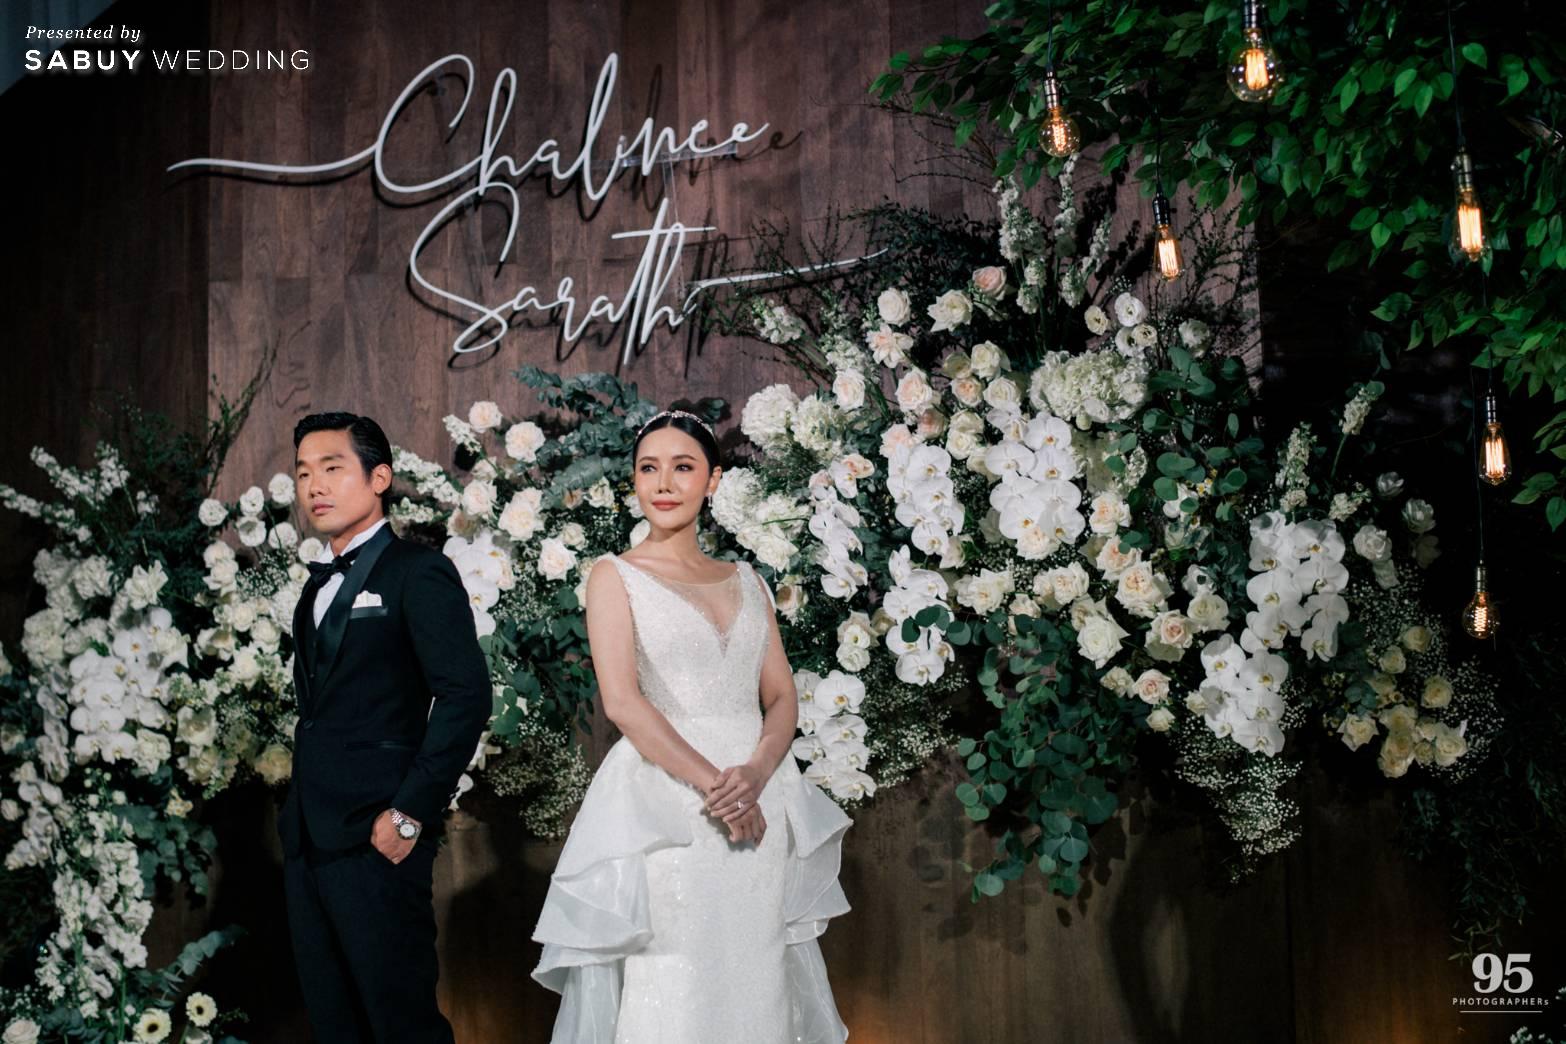 เจ้าสาว,เจ้าบ่าว,งานแต่งงาน,backdrop,ตกแต่งงานแต่ง รีวิวงานแต่งธีมสวนเรียบโก้ สไตล์ Elegant greenery garden @ Sheraton Grande Sukhumvit